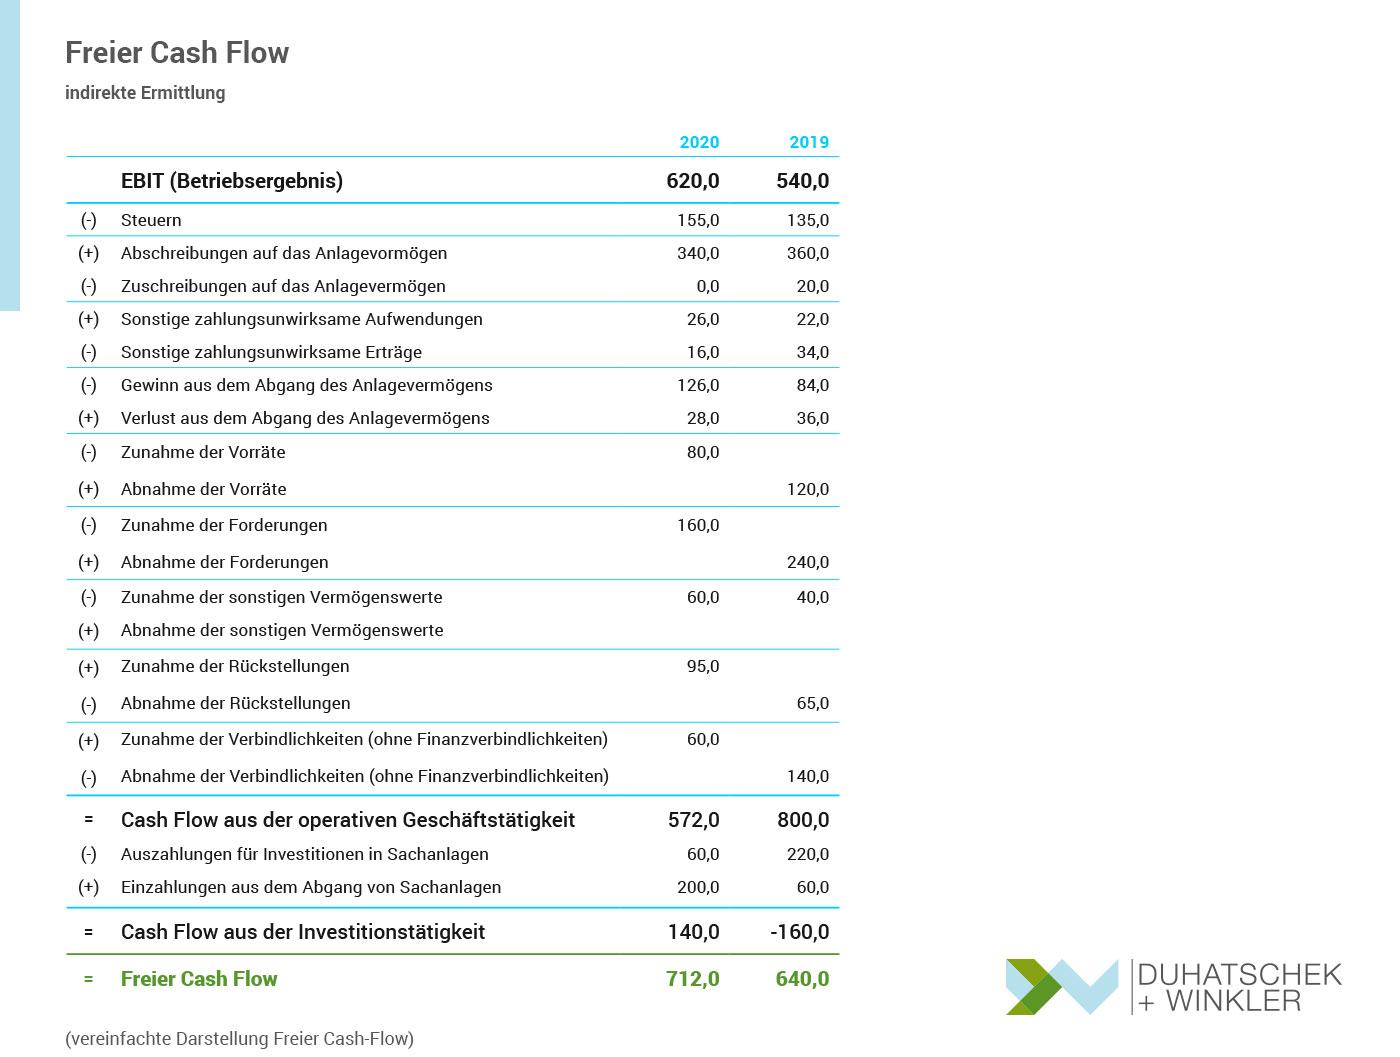 Freier Cash Flow - vereinfachte tabellarische Darstellung - Free Cash Flow Duhatschek und Winkler GmbH Unternehmensberatung